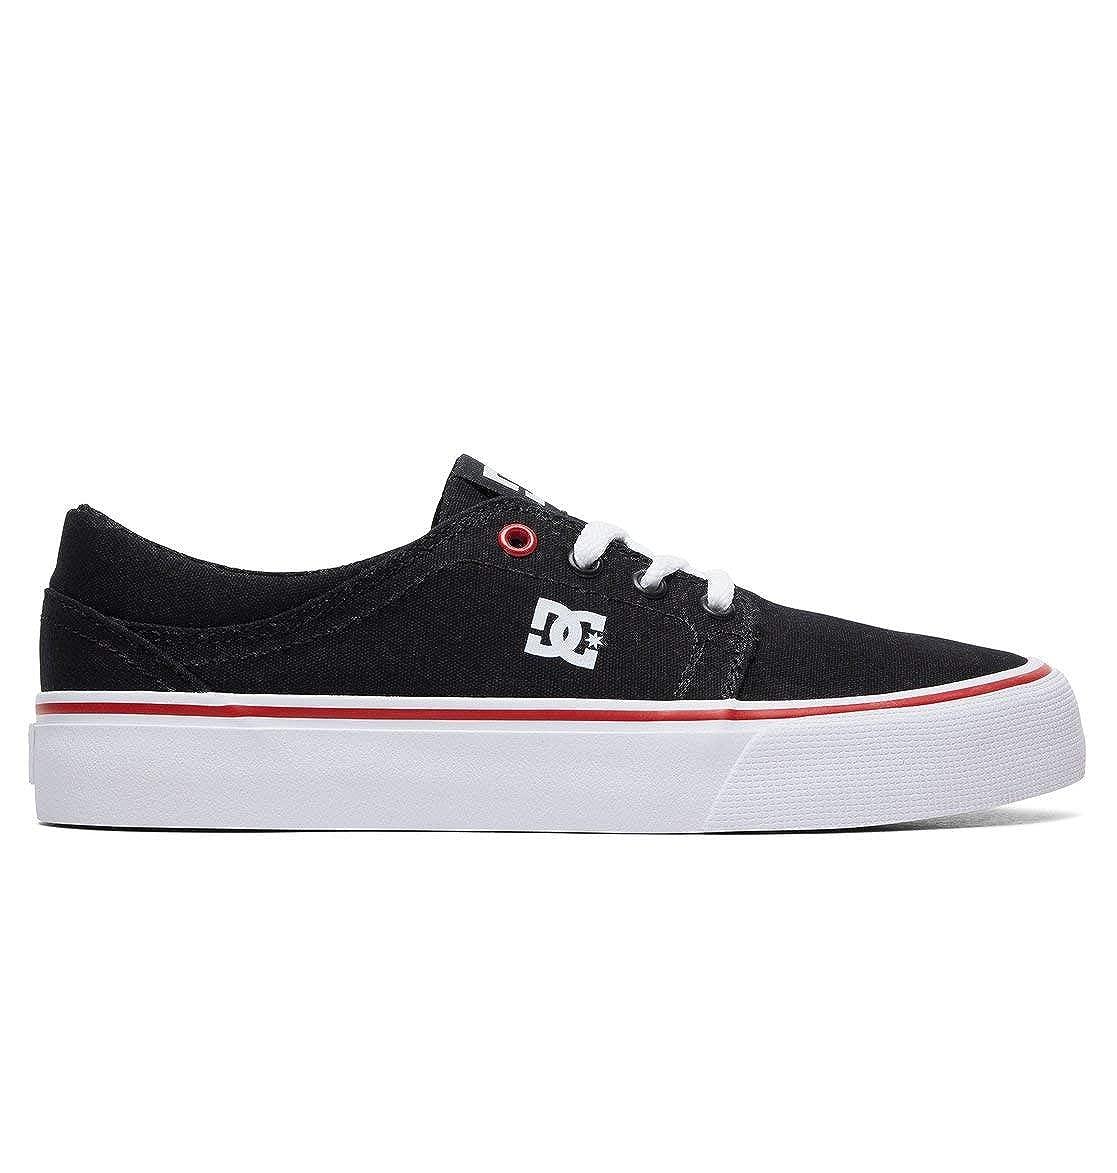 DC scarpe TONIK - Scarpe da Ginnastica Basse Uomo Nero Bianco Rosso | Di Prima Qualità  | Scolaro/Ragazze Scarpa